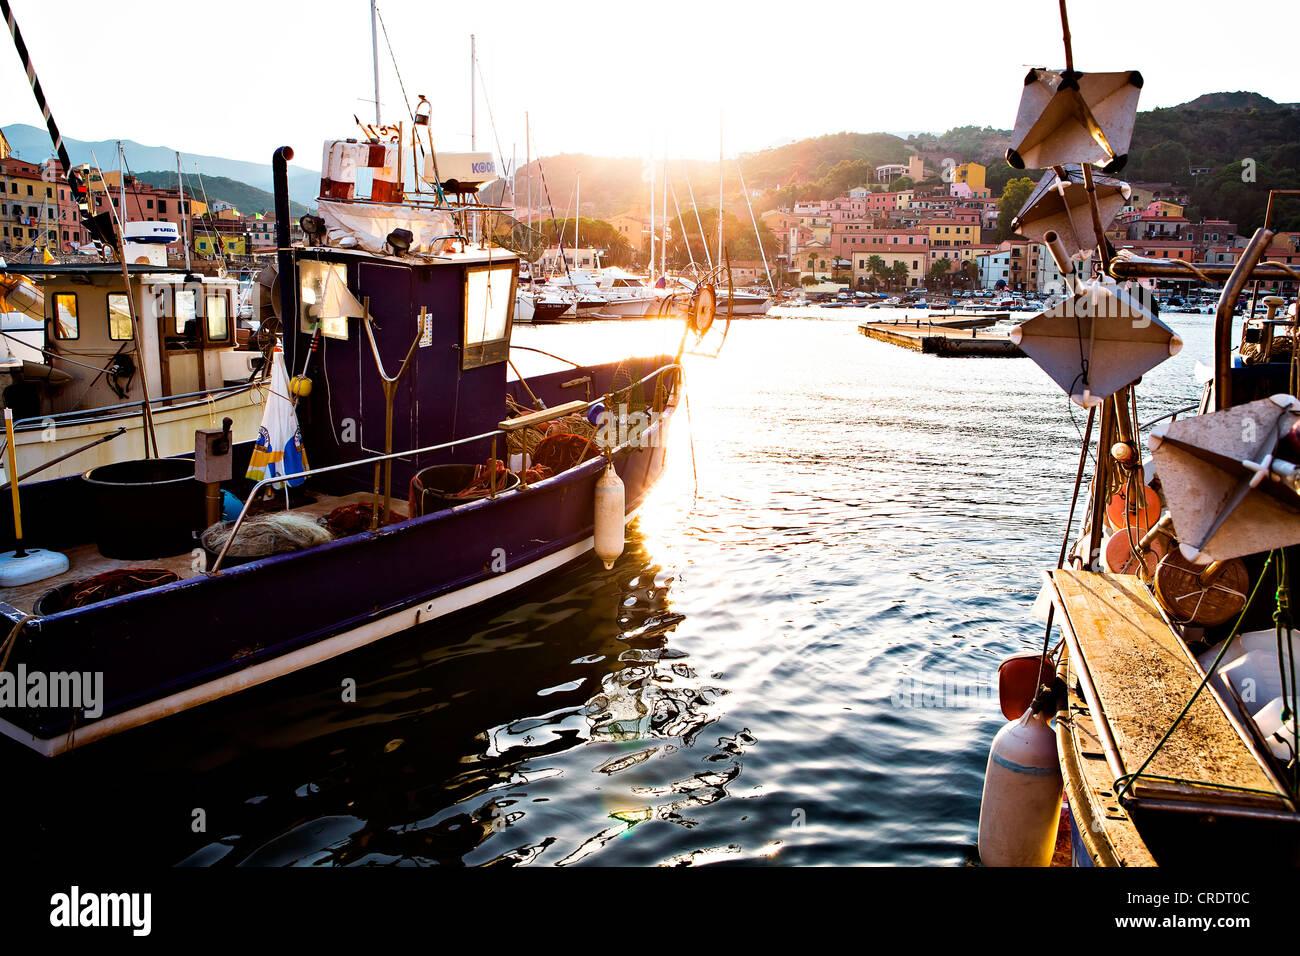 Hafen von Rio Marina, Insel Elba, Italien, Europa Stockbild